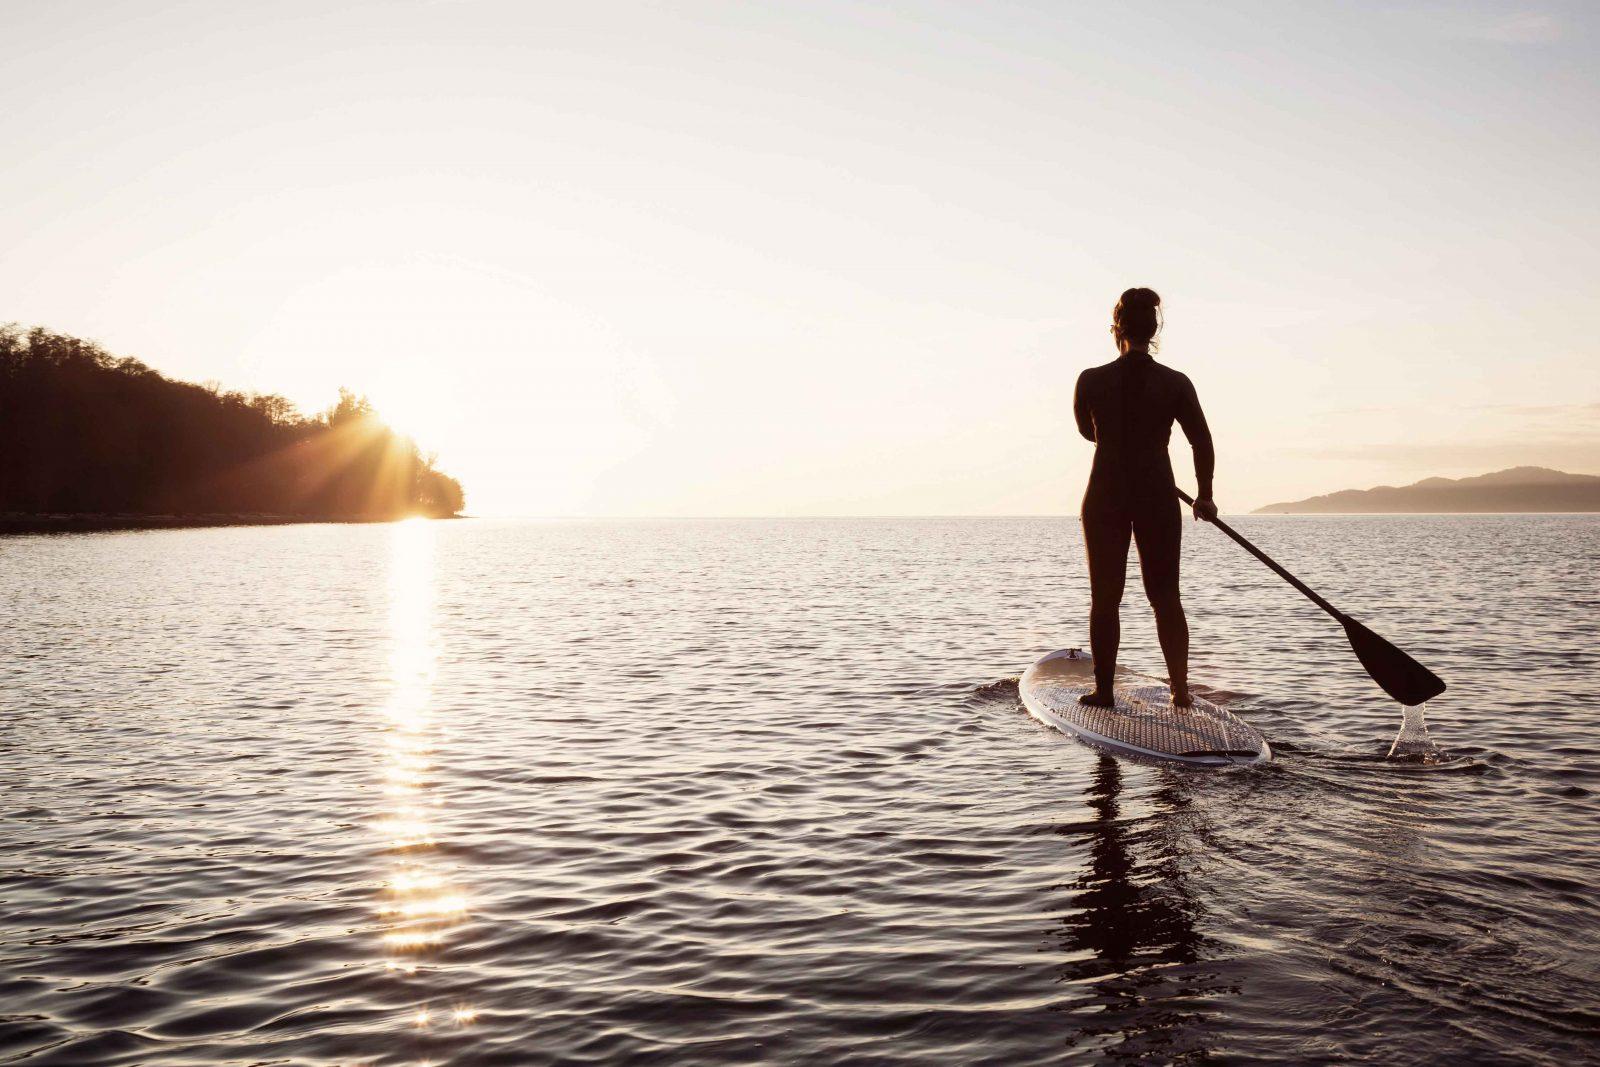 Stand up paddle board, västkusten, Bohuslän - Bokenäset Hotell & Konferens